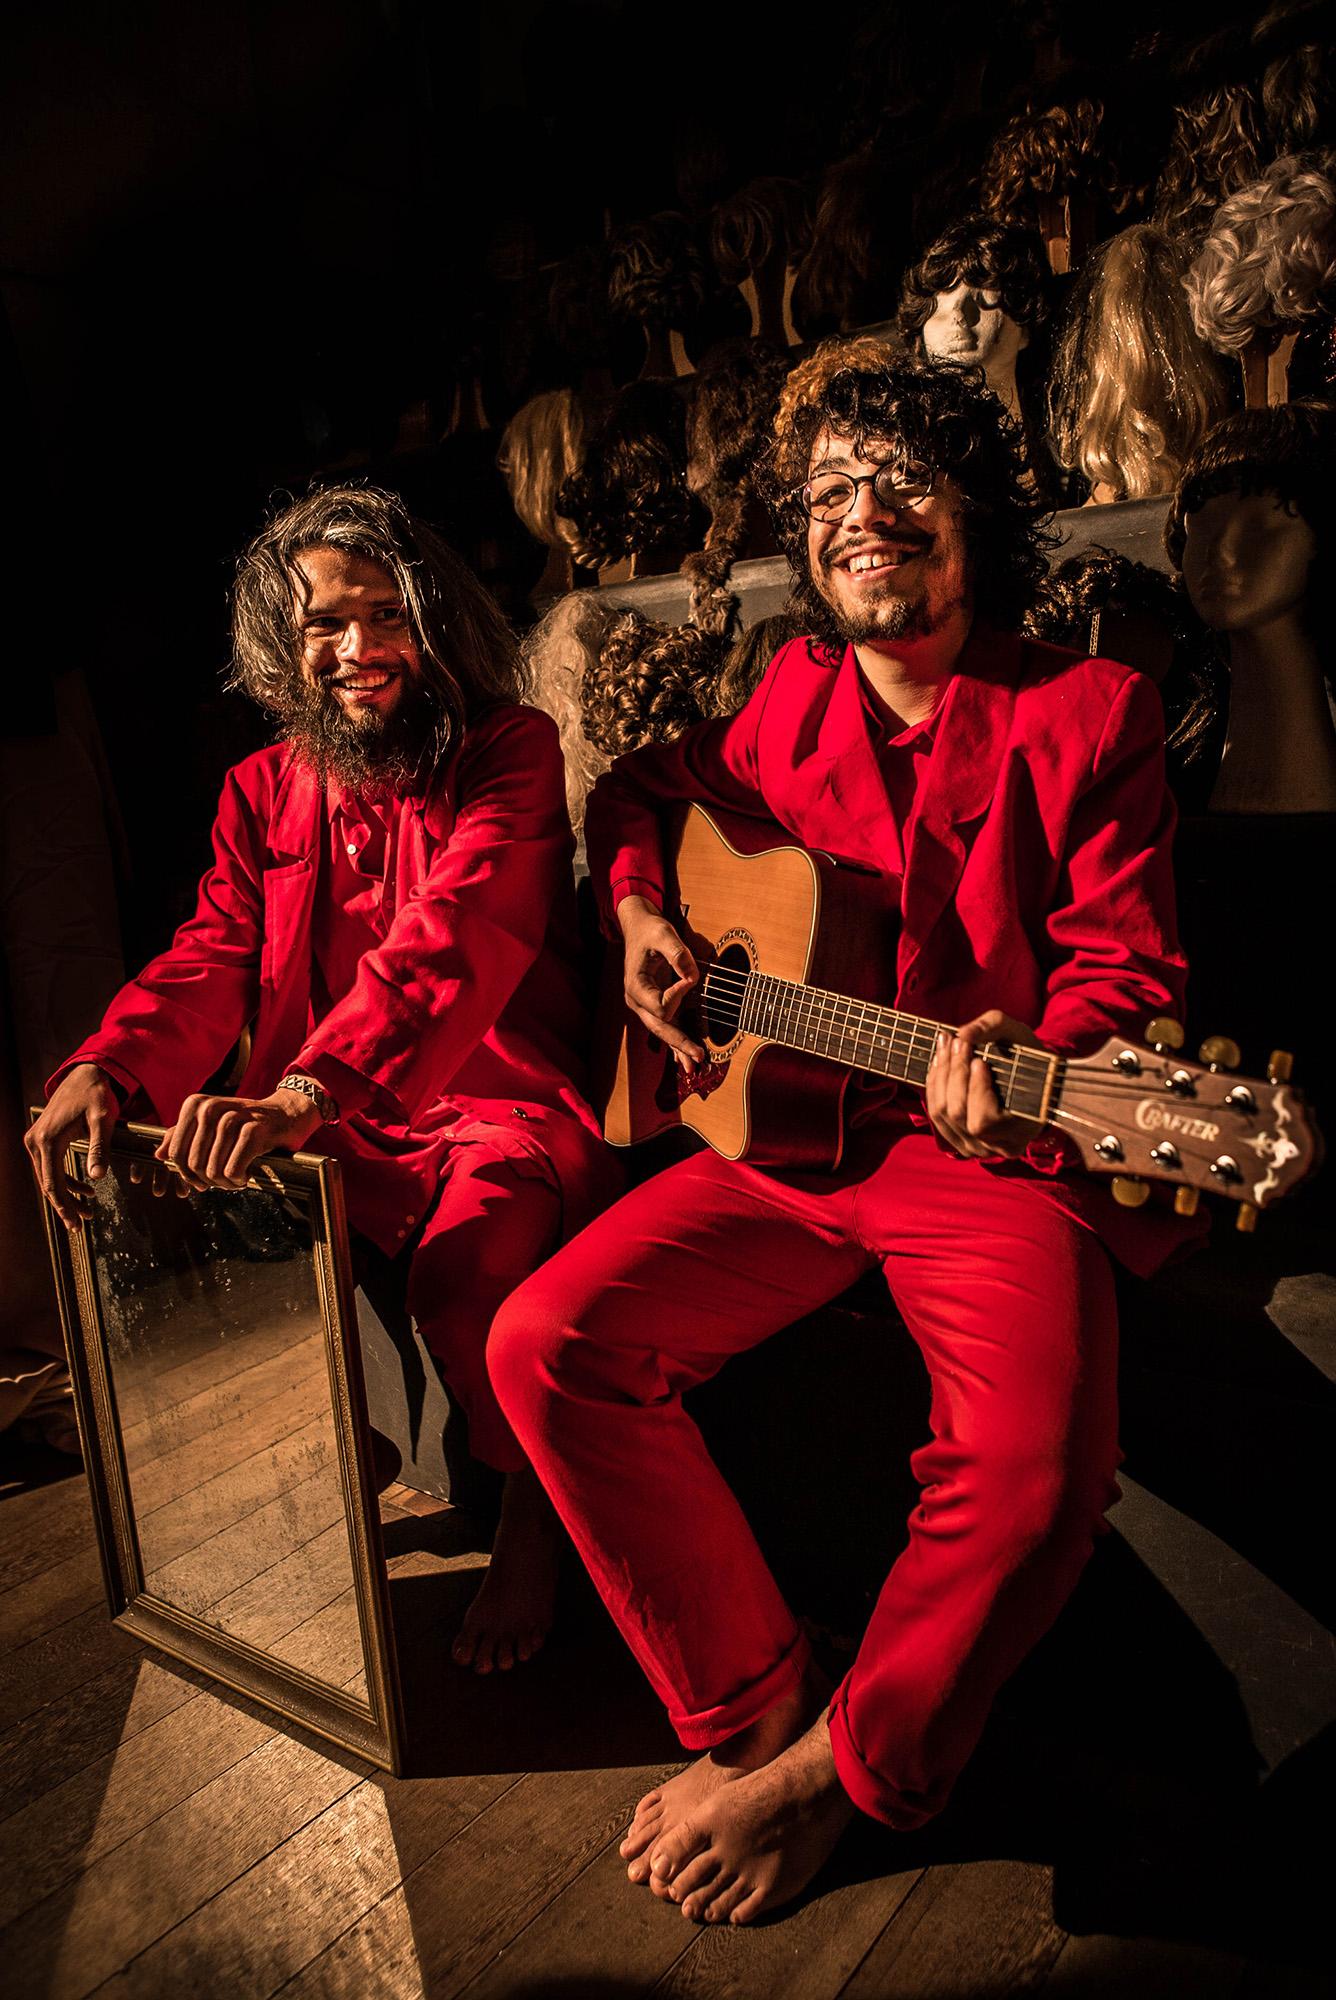 ALPARGATOS e Valentin #1 _ por Bruno dos Anjos